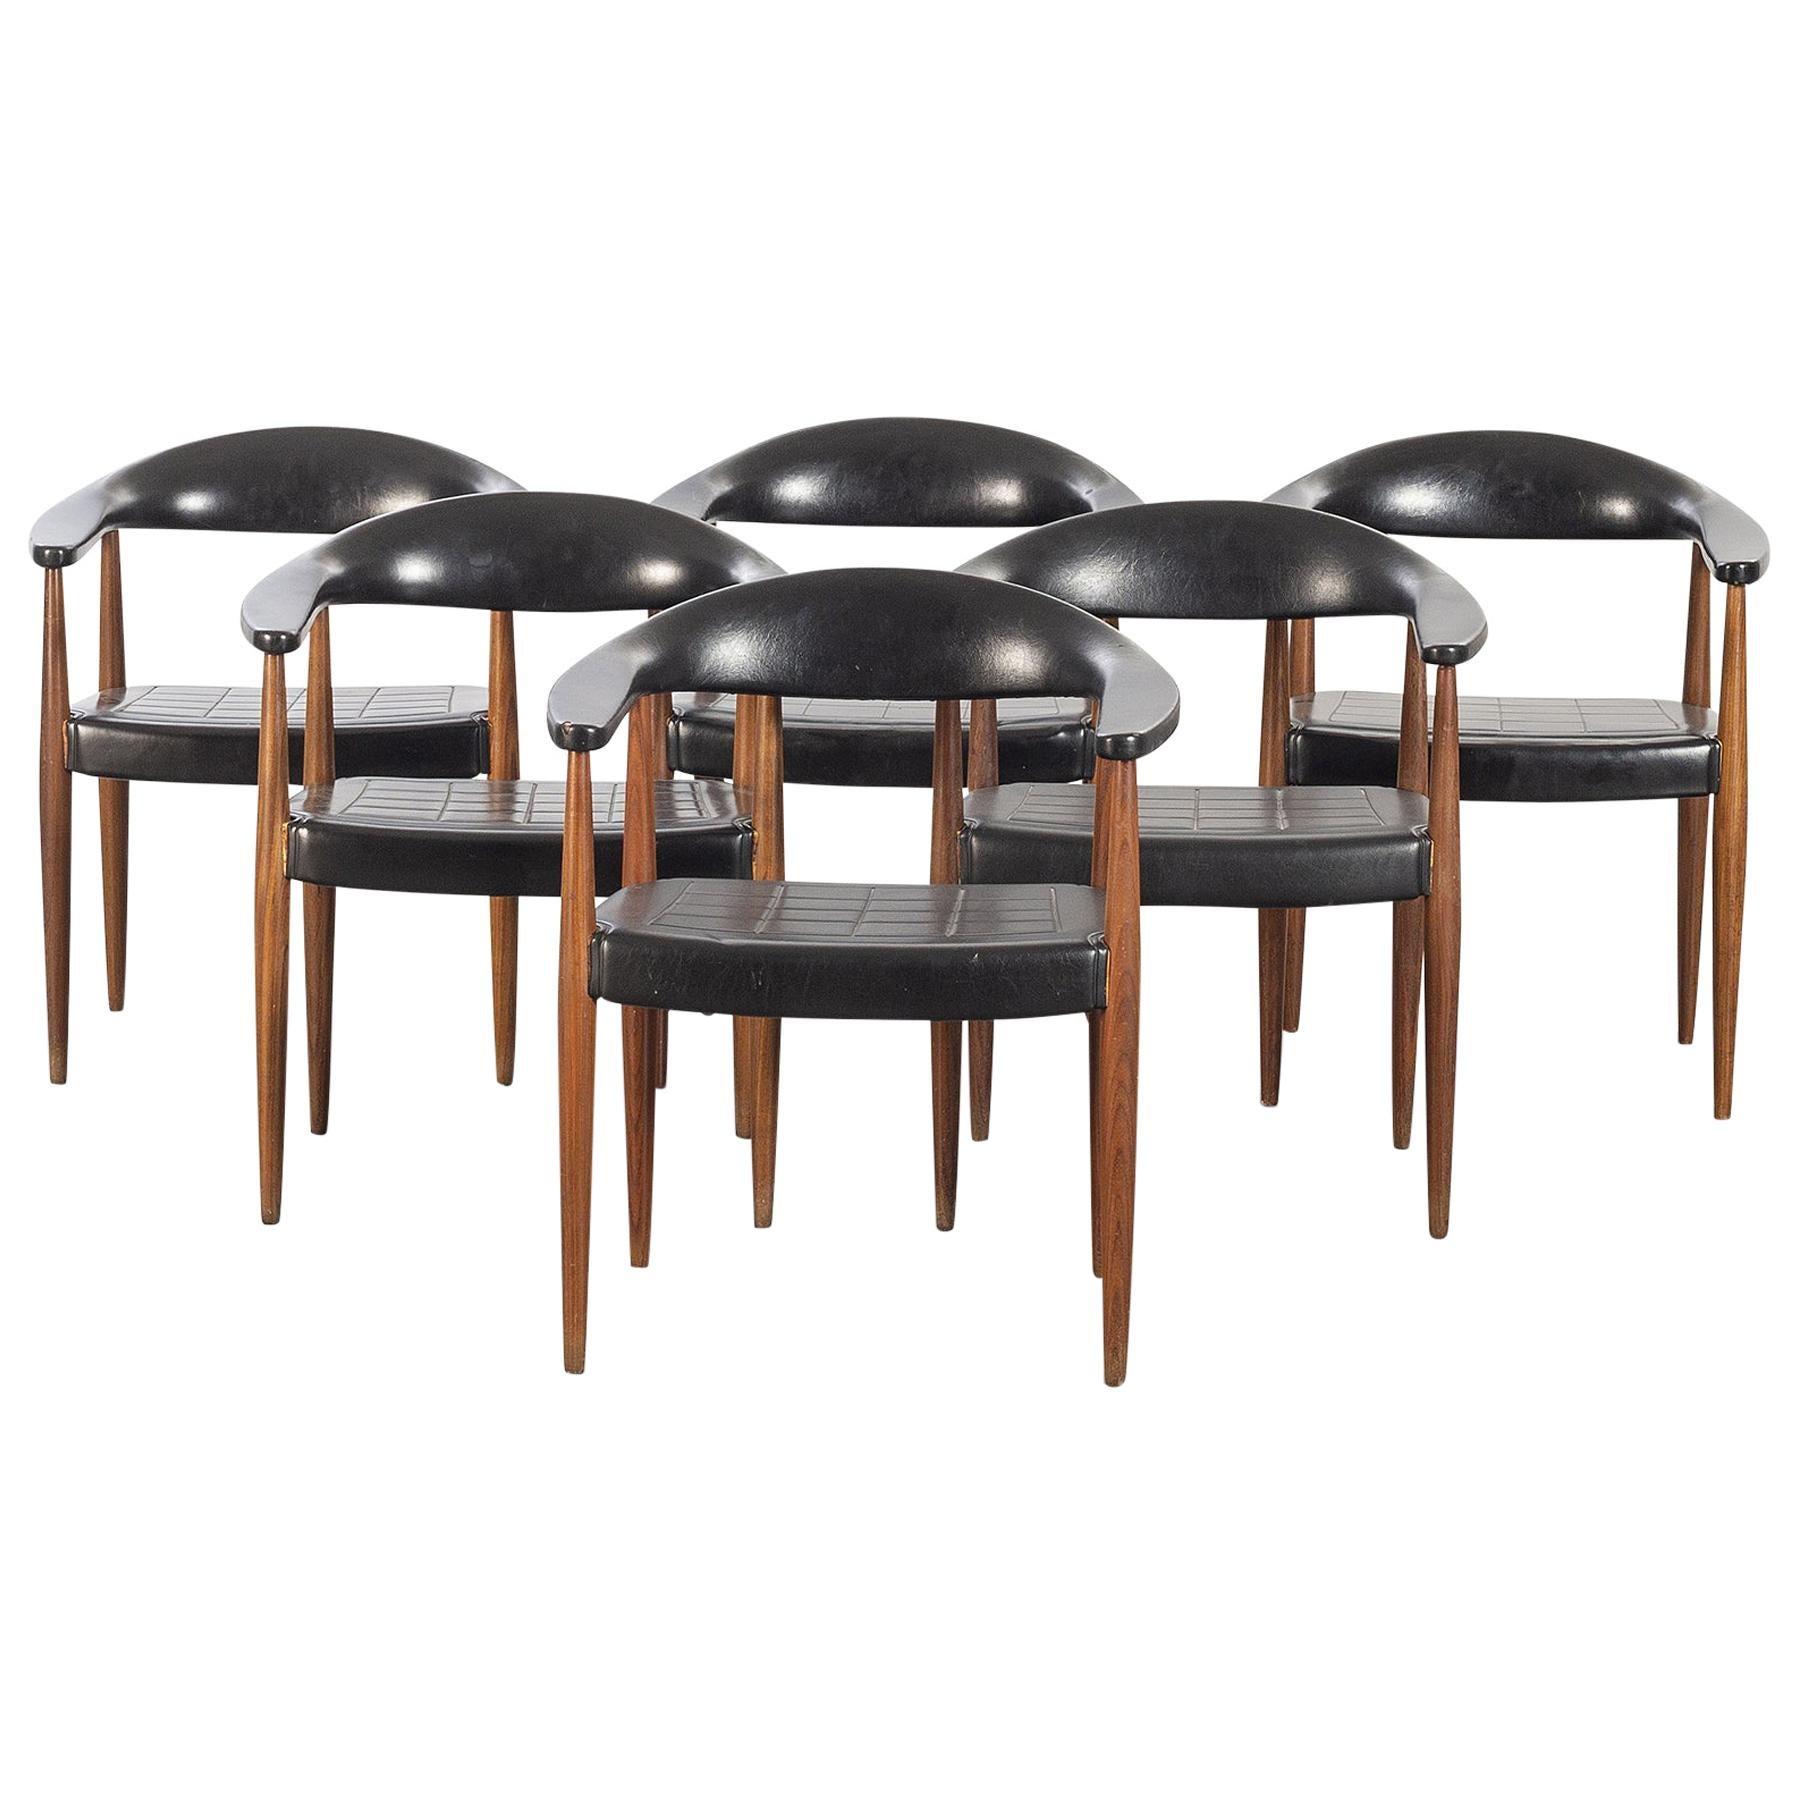 Set of Six 'Eterna' Armchairs by Ilmari Lappalainen for Asko